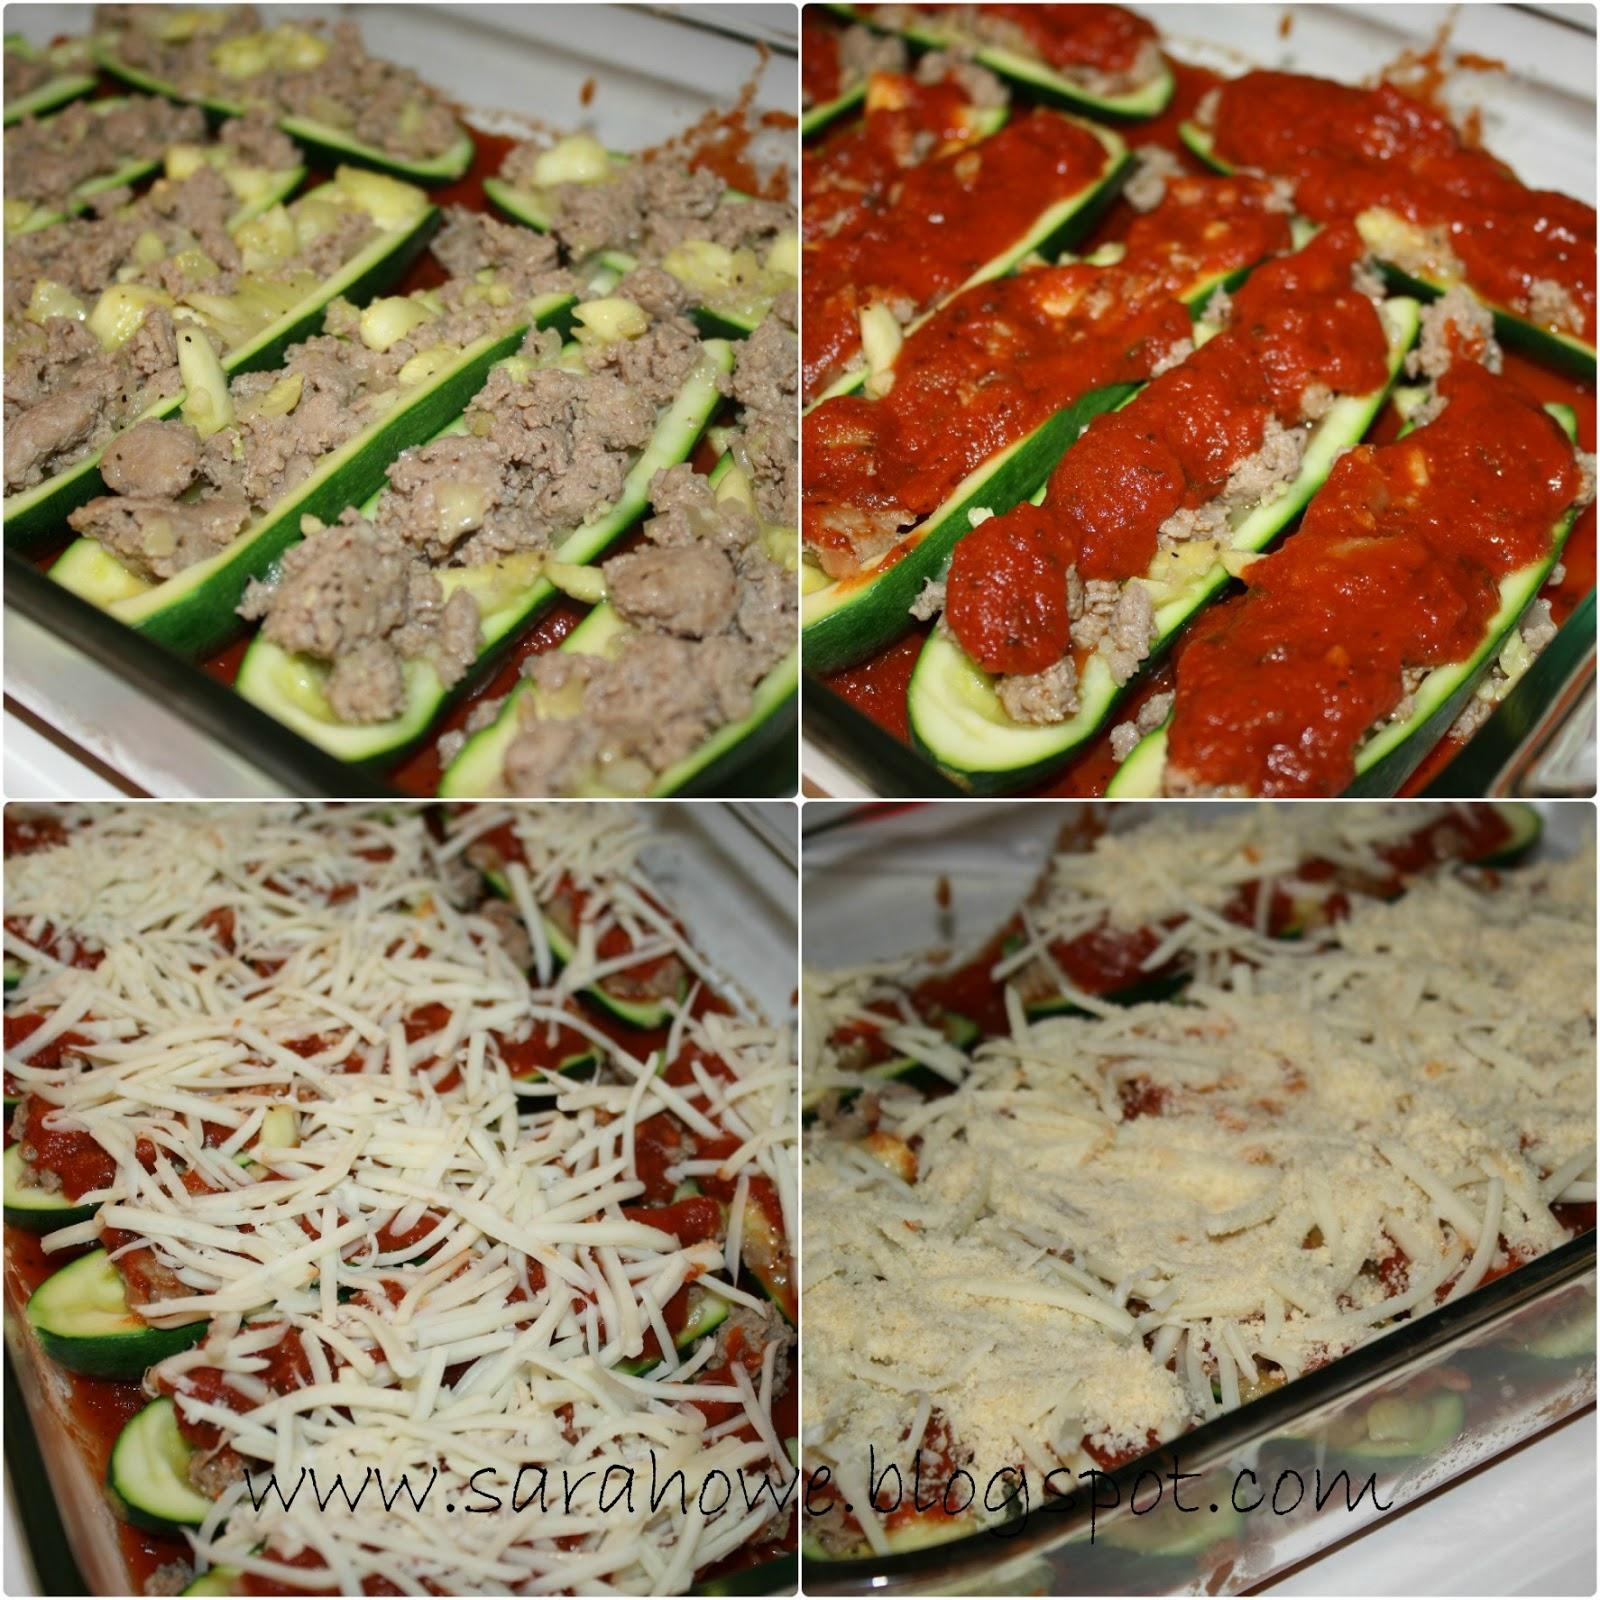 Sara's Home Life: Sausage Stuffed Zucchini Boats